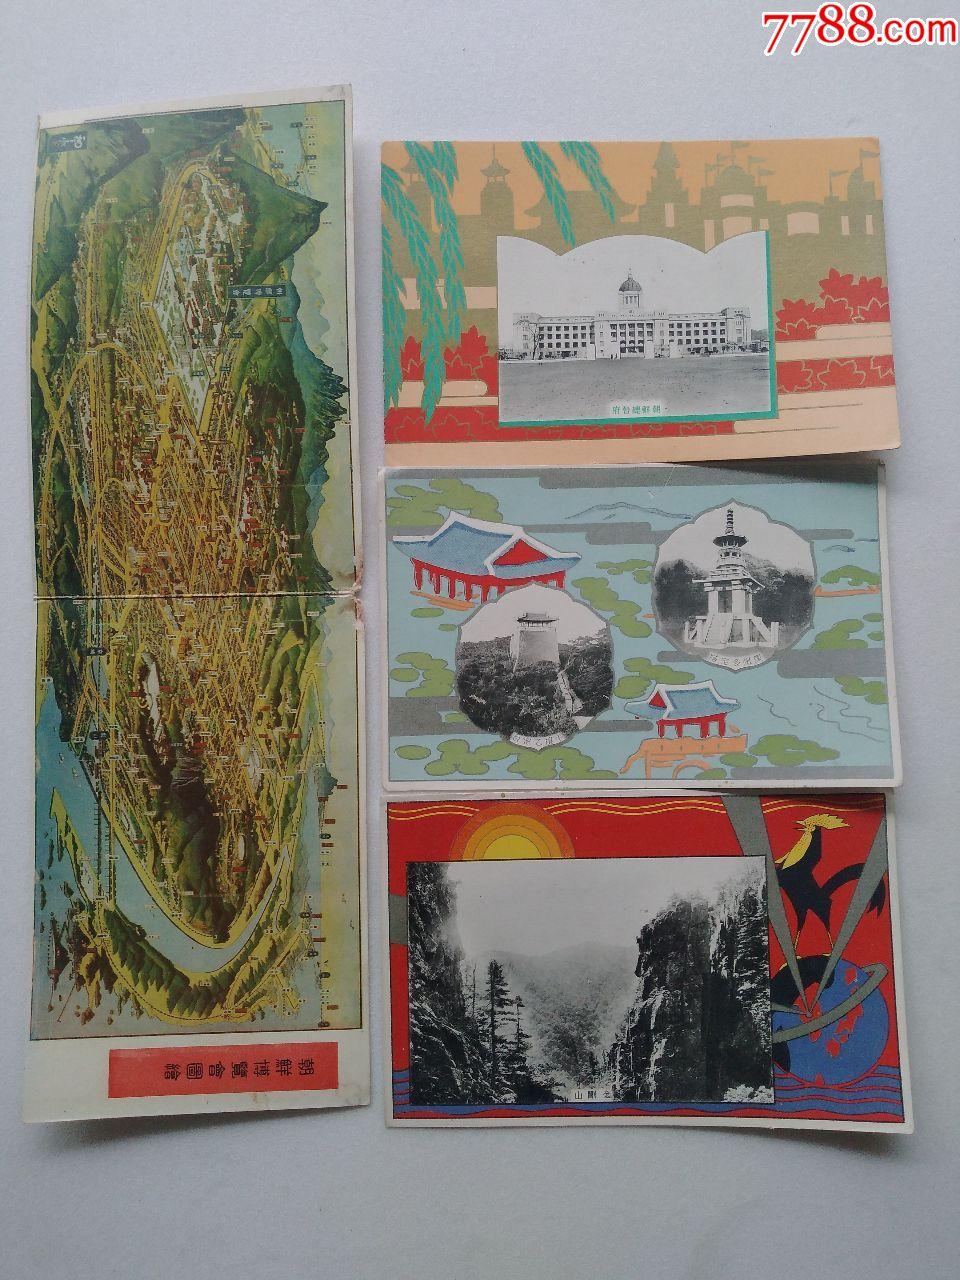 罕见民国时期朝鲜博览会绘图明信片一套,内容丰富,日本?#33268;?#26397;鲜半岛的铁证(se65002945)_